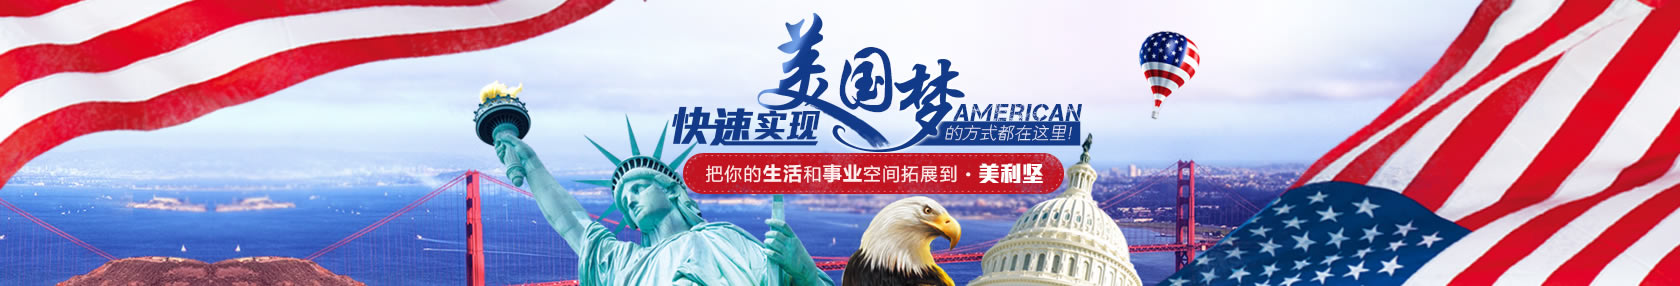 【移民美国方式】快速实现移民美国梦,把生活和事业拓展到美利坚